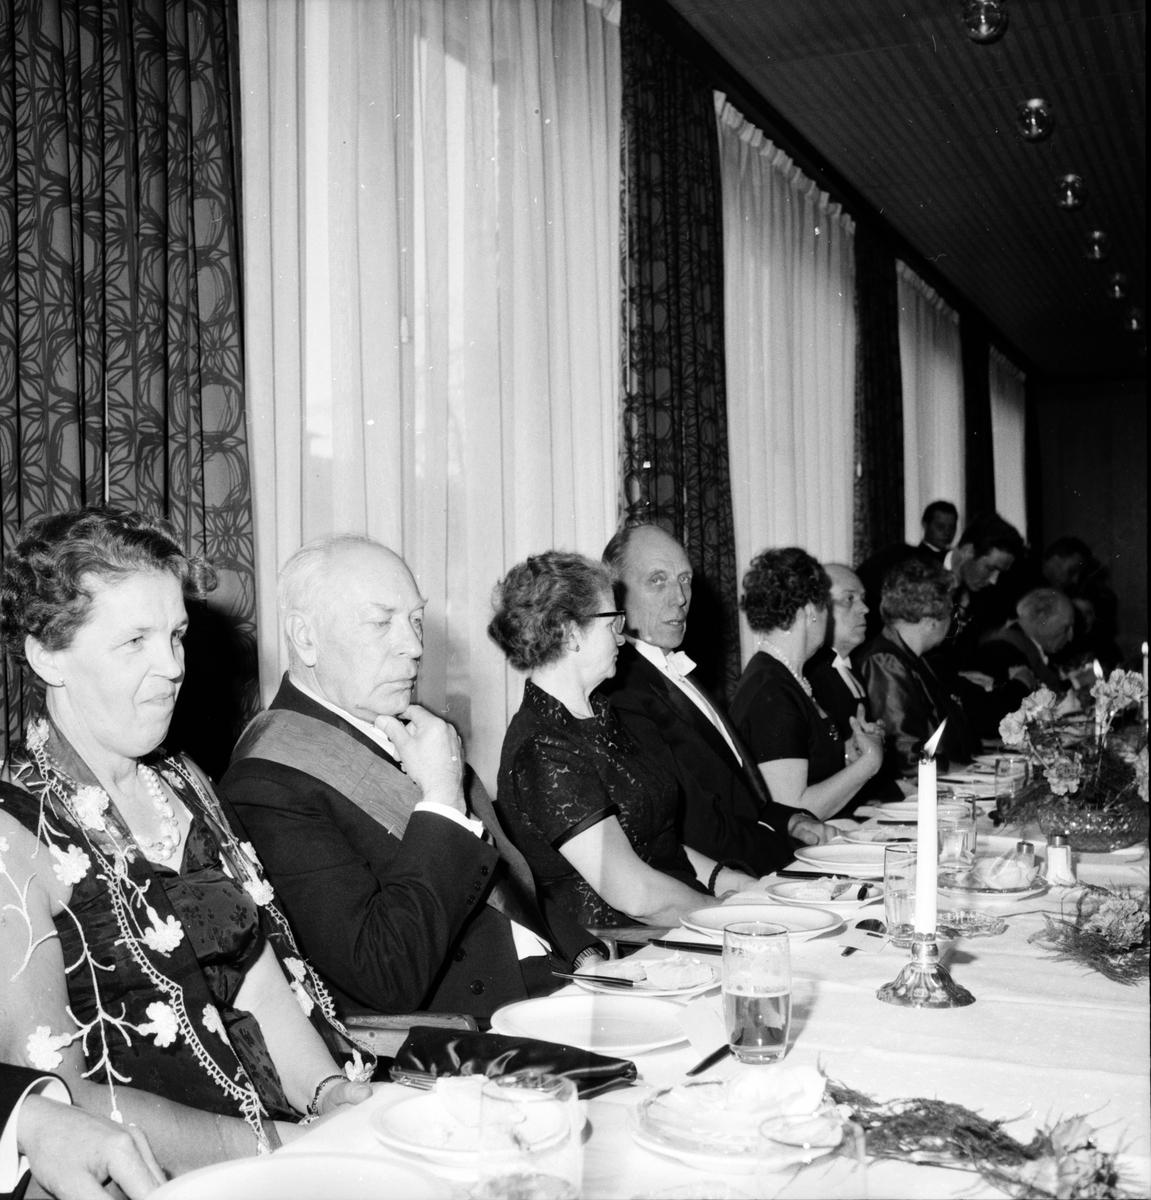 Tempelriddarfesten, Frimurarhotellet, 6 April 1963